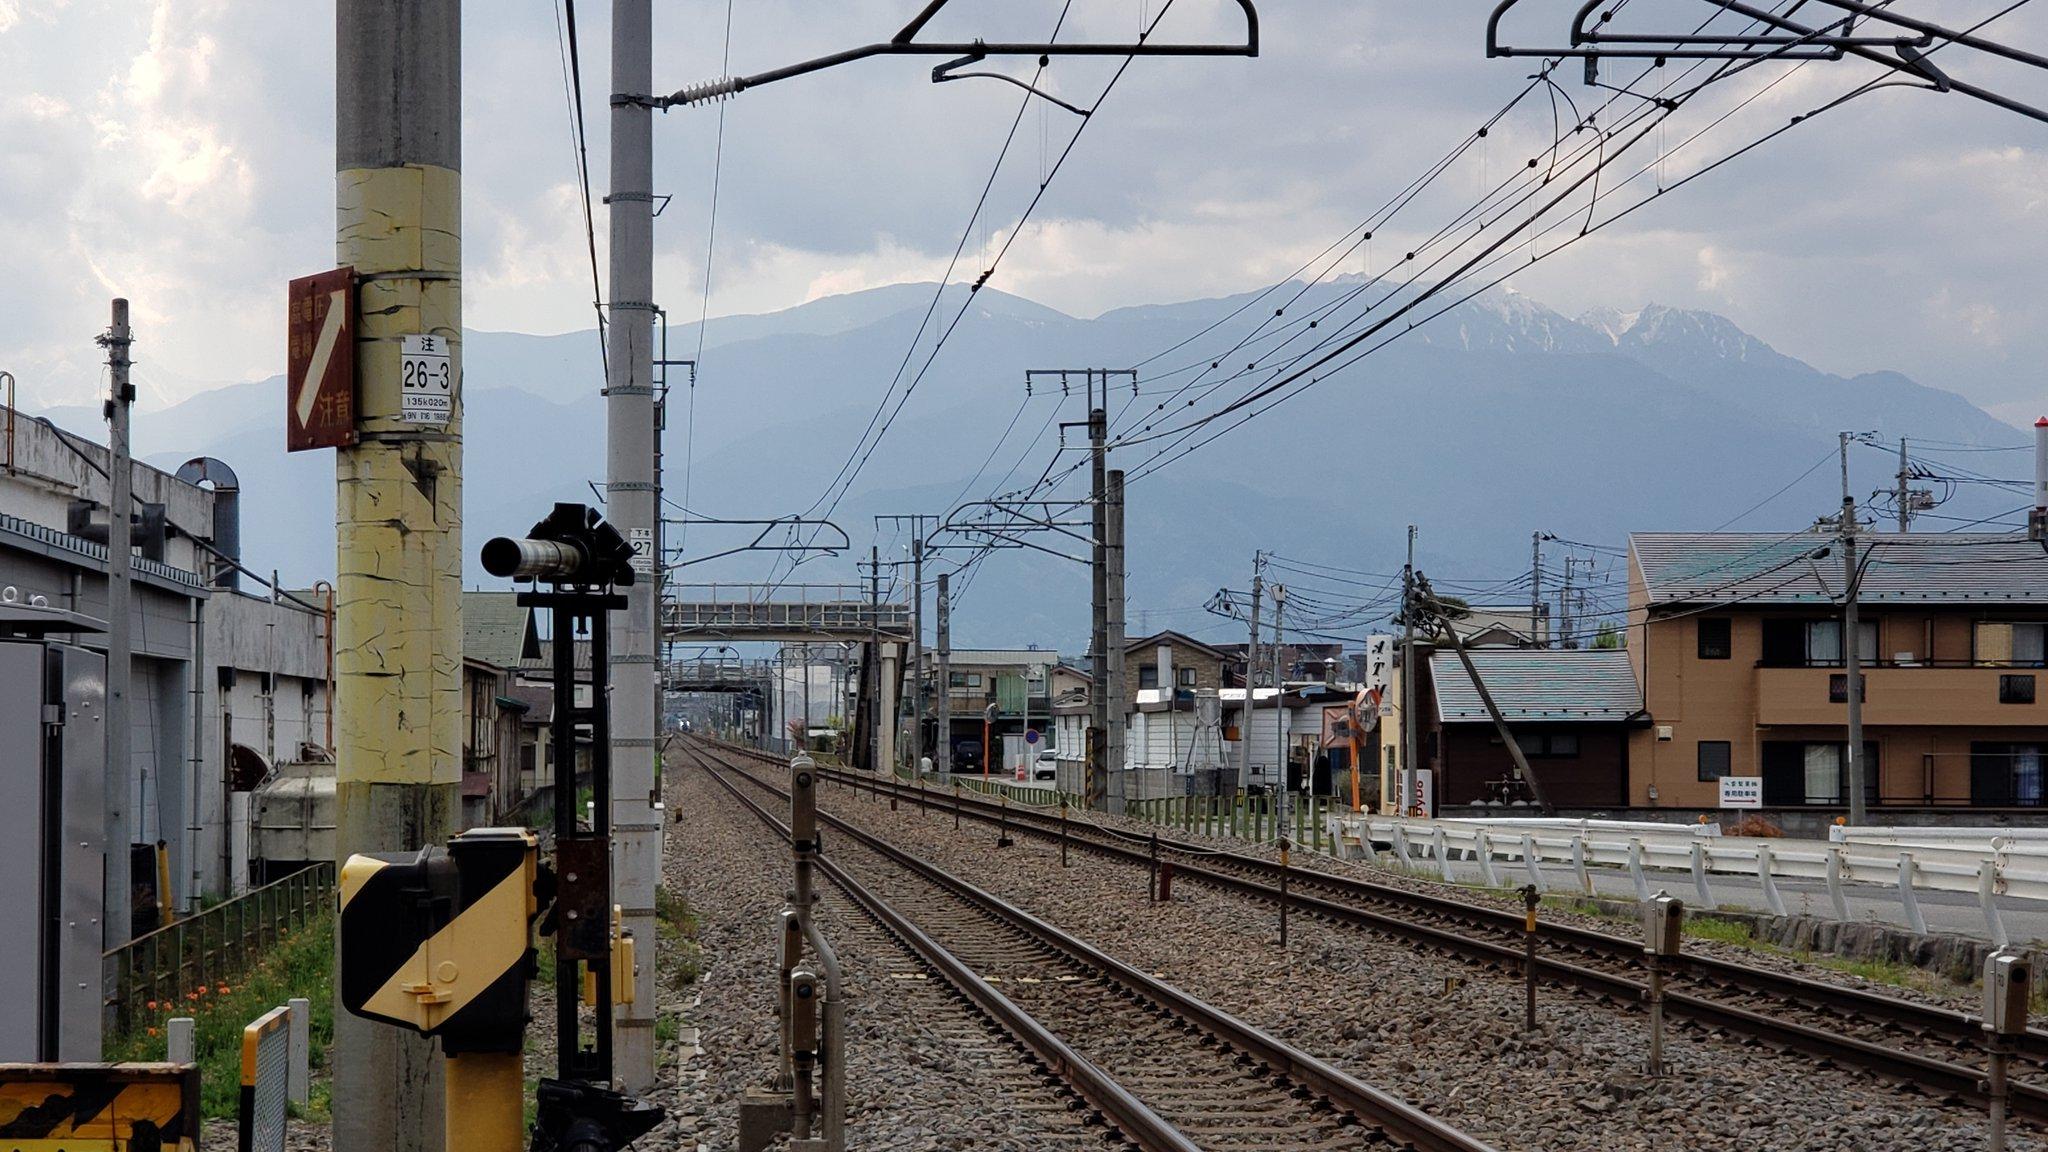 中央本線の竜王駅~甲府駅間の踏切で人身事故が起きた画像